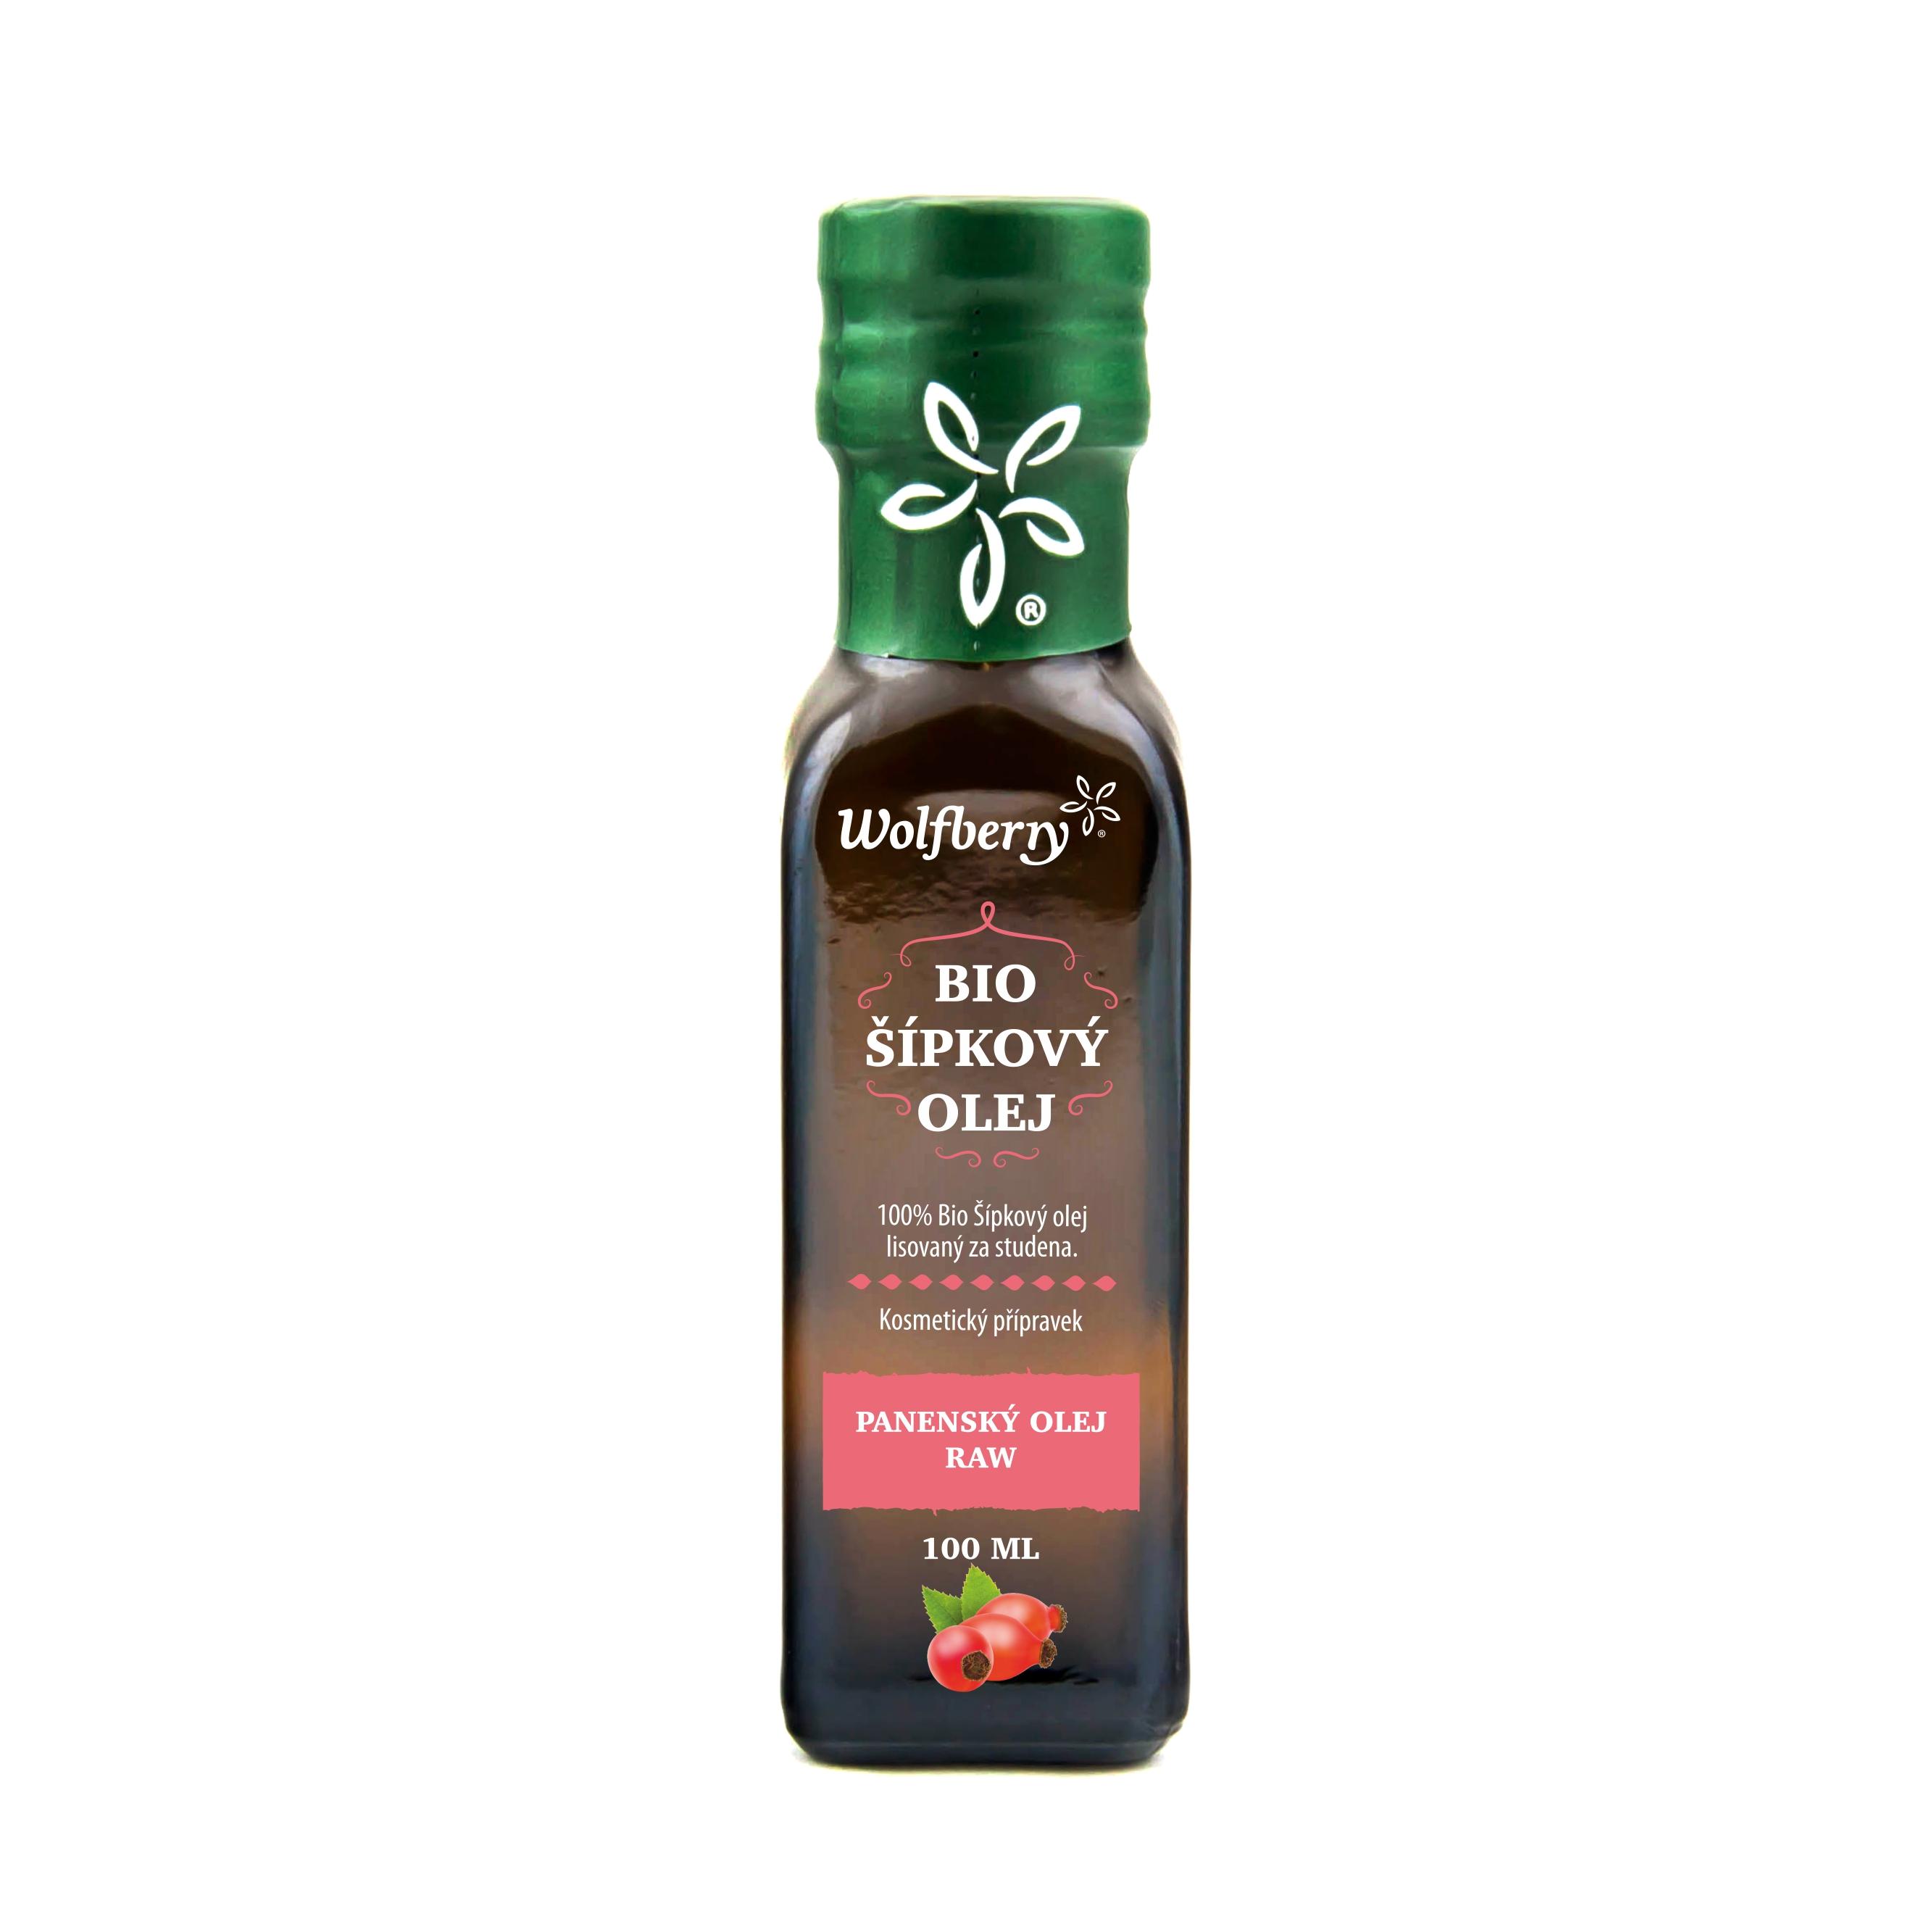 Šípkový olej BIO 100 ml Wolfberry*